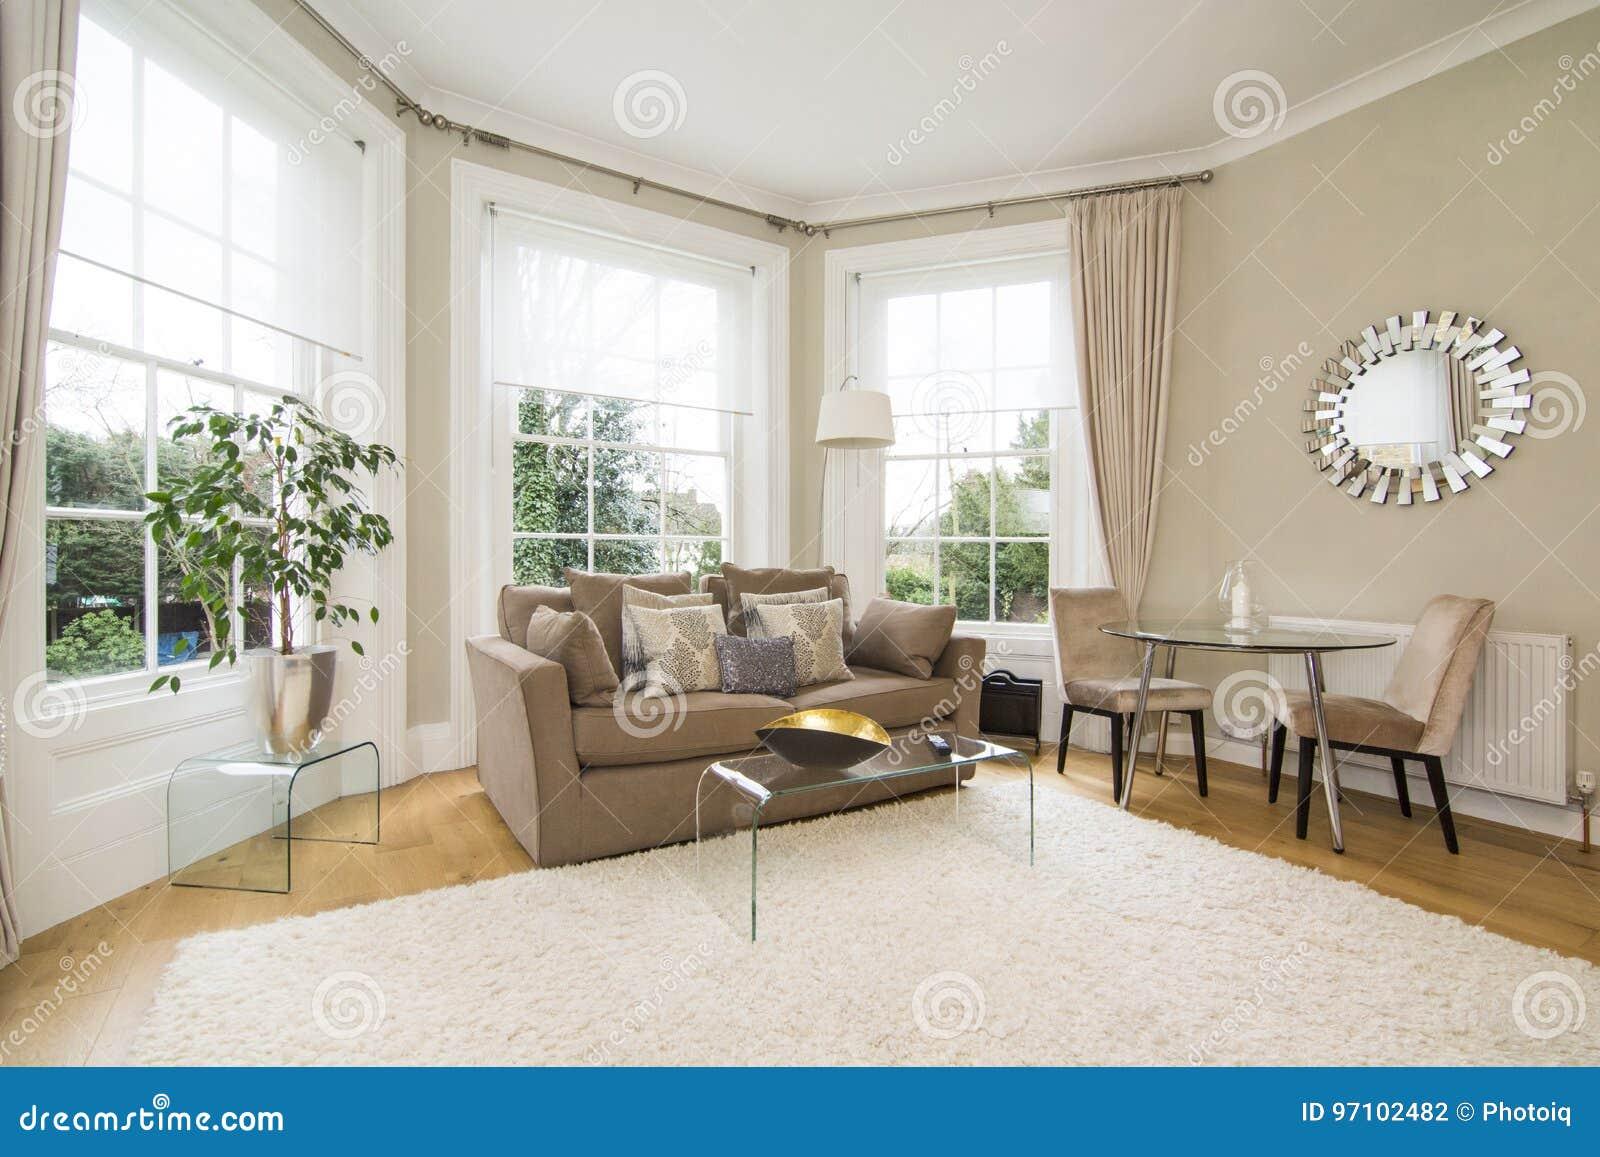 Klassieke woonkamer met grote erker die mooie tuin onder ogen zien